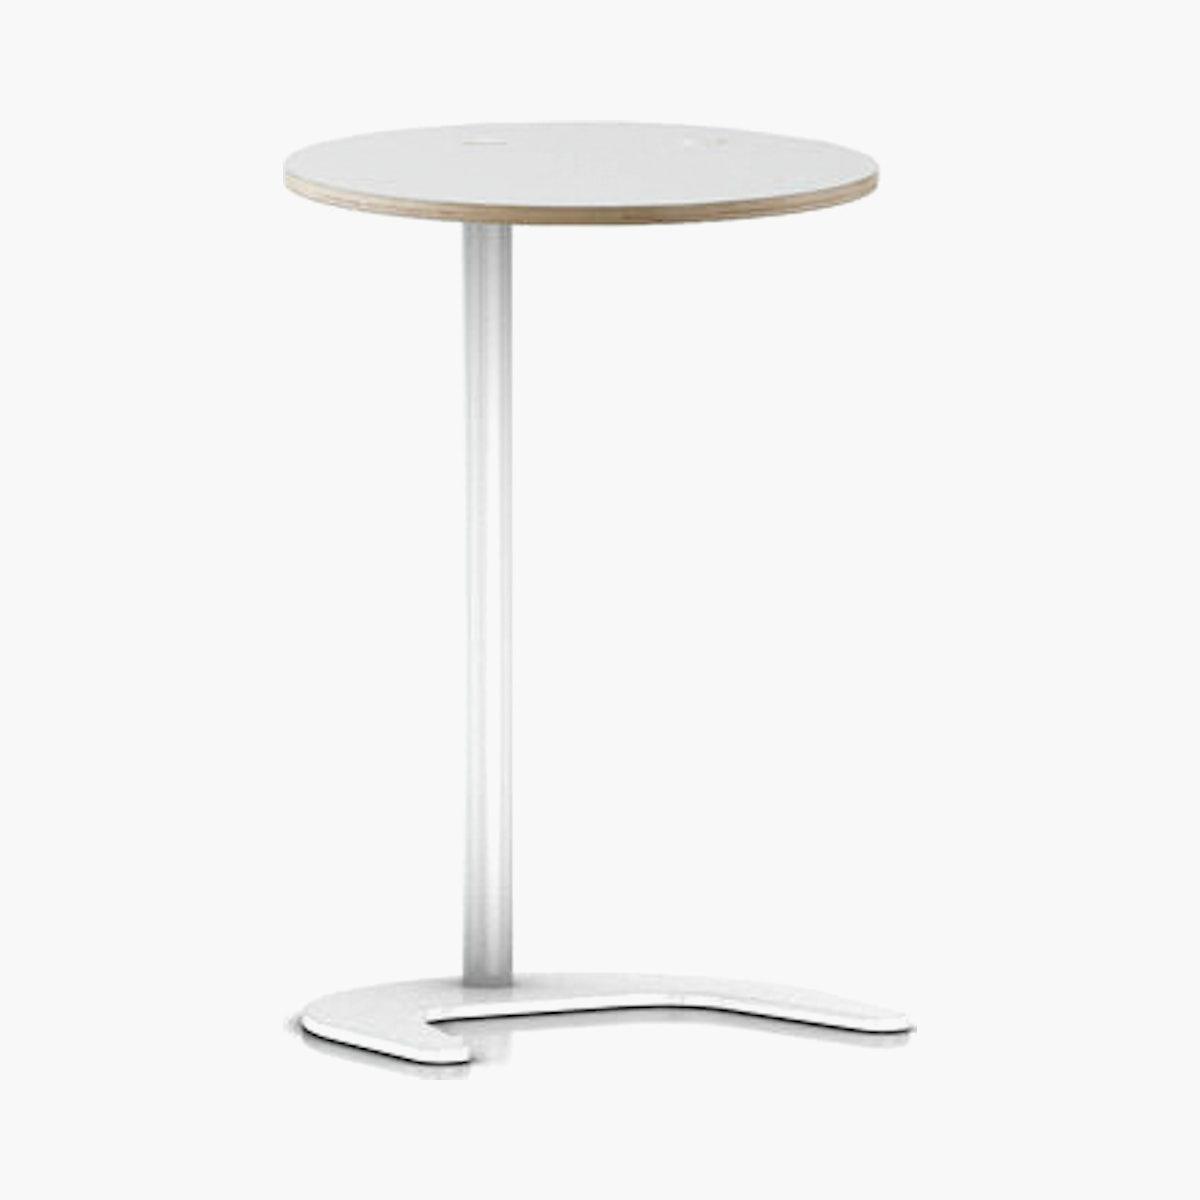 Plex Adjustable Work Table